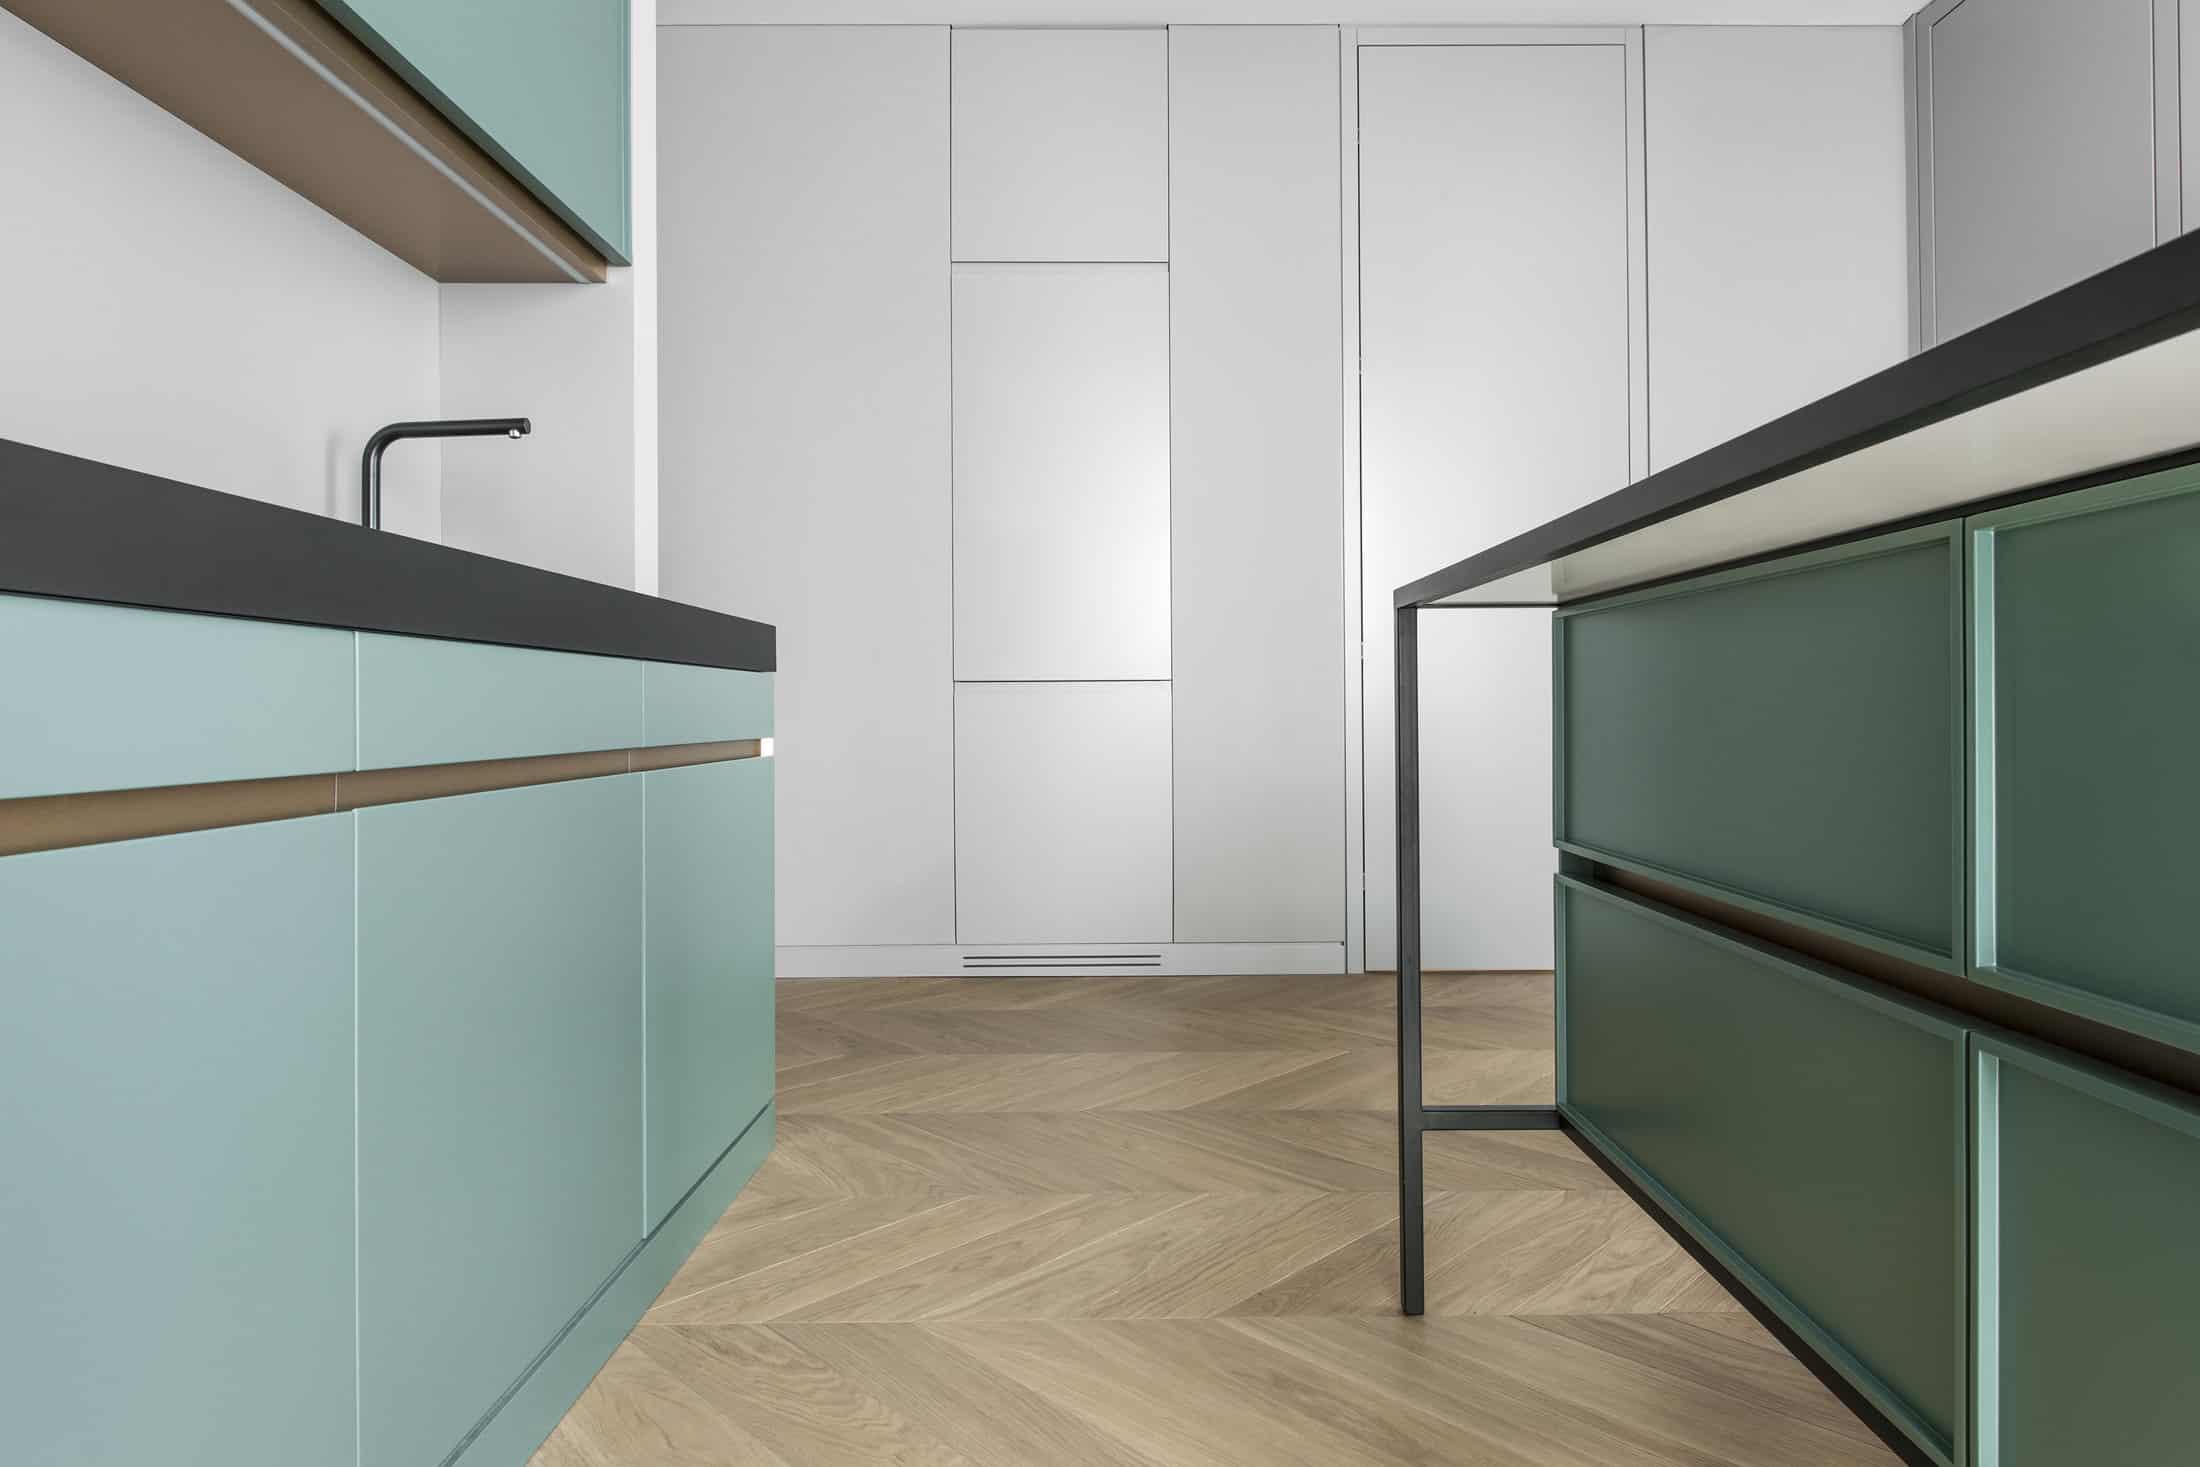 Apartment-interior-in-Basanavicius-street-07